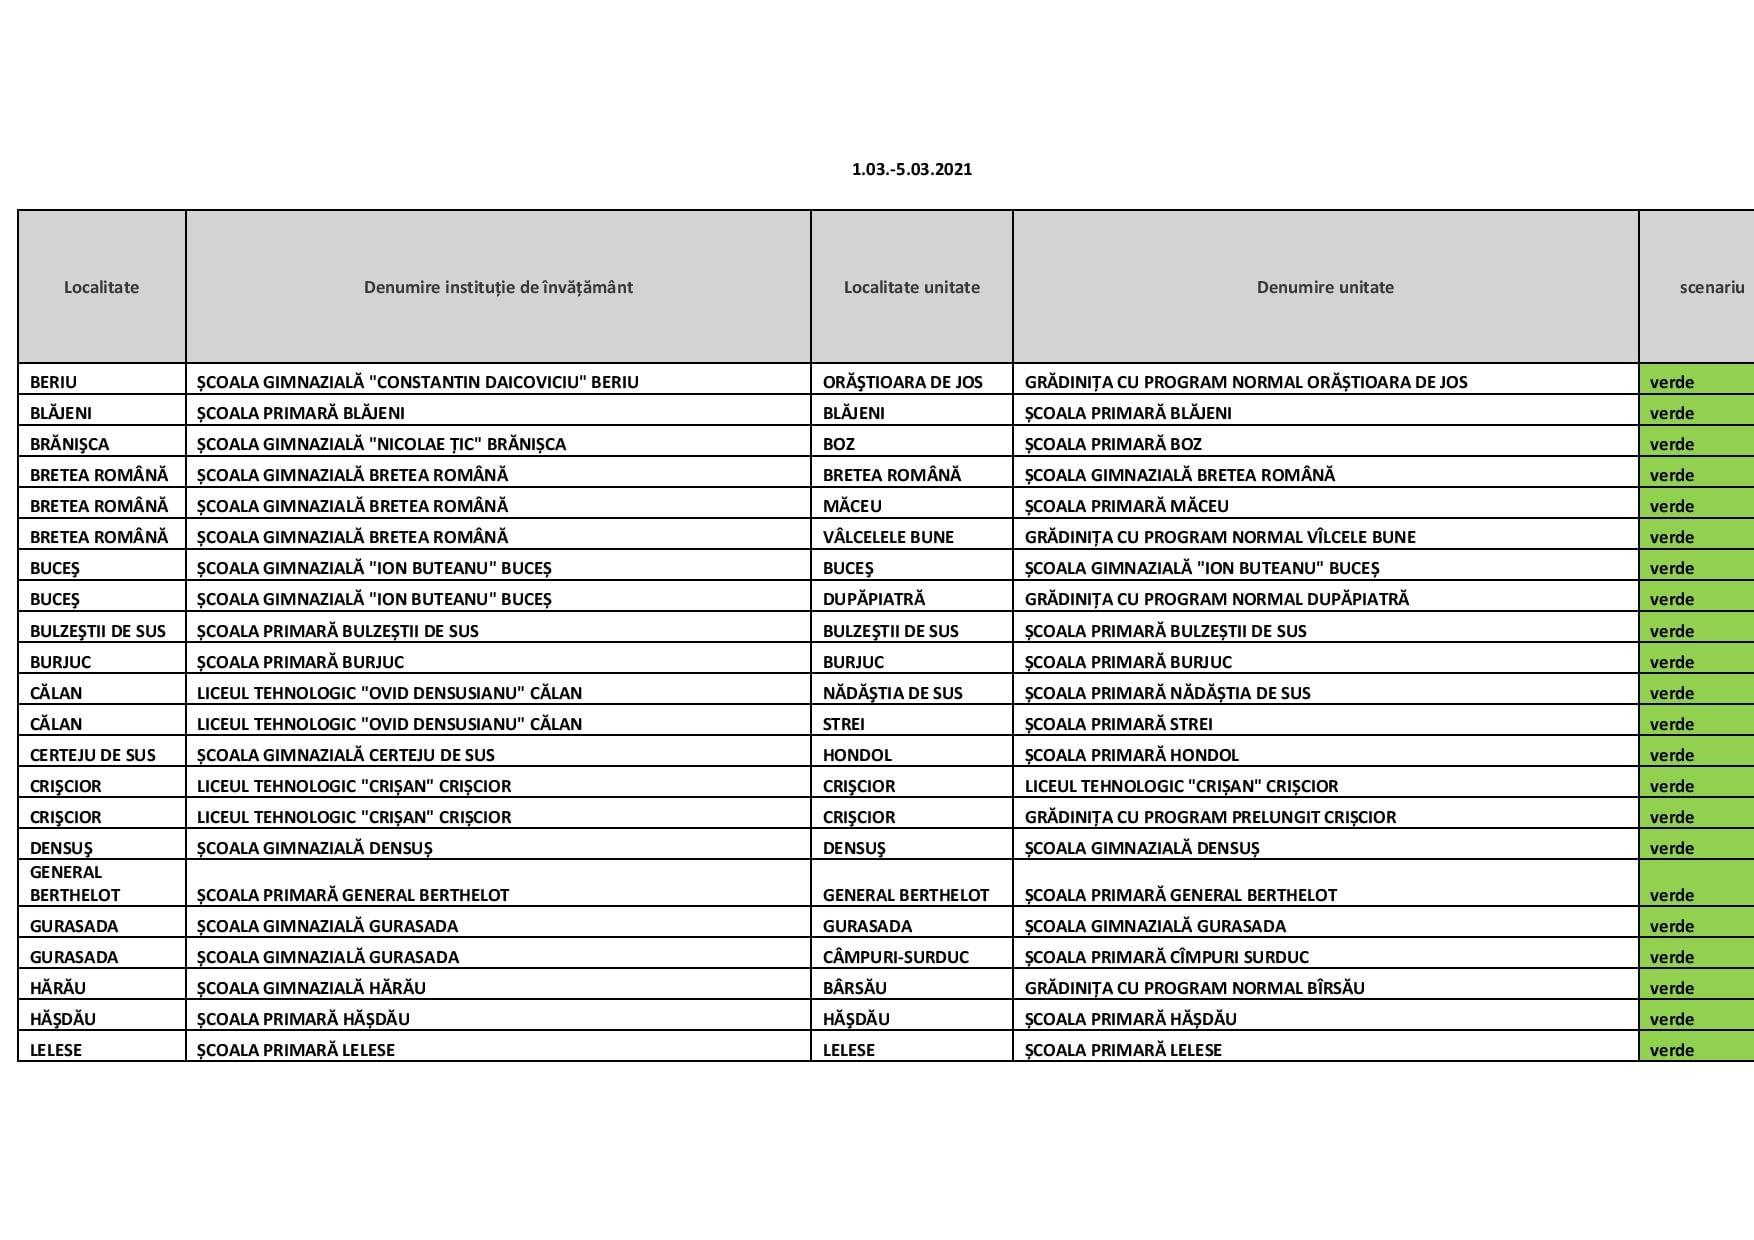 Scenariile de funcționare pentru instituțiile de învățământ din județul Hunedoara, în perioada 1-5 martie